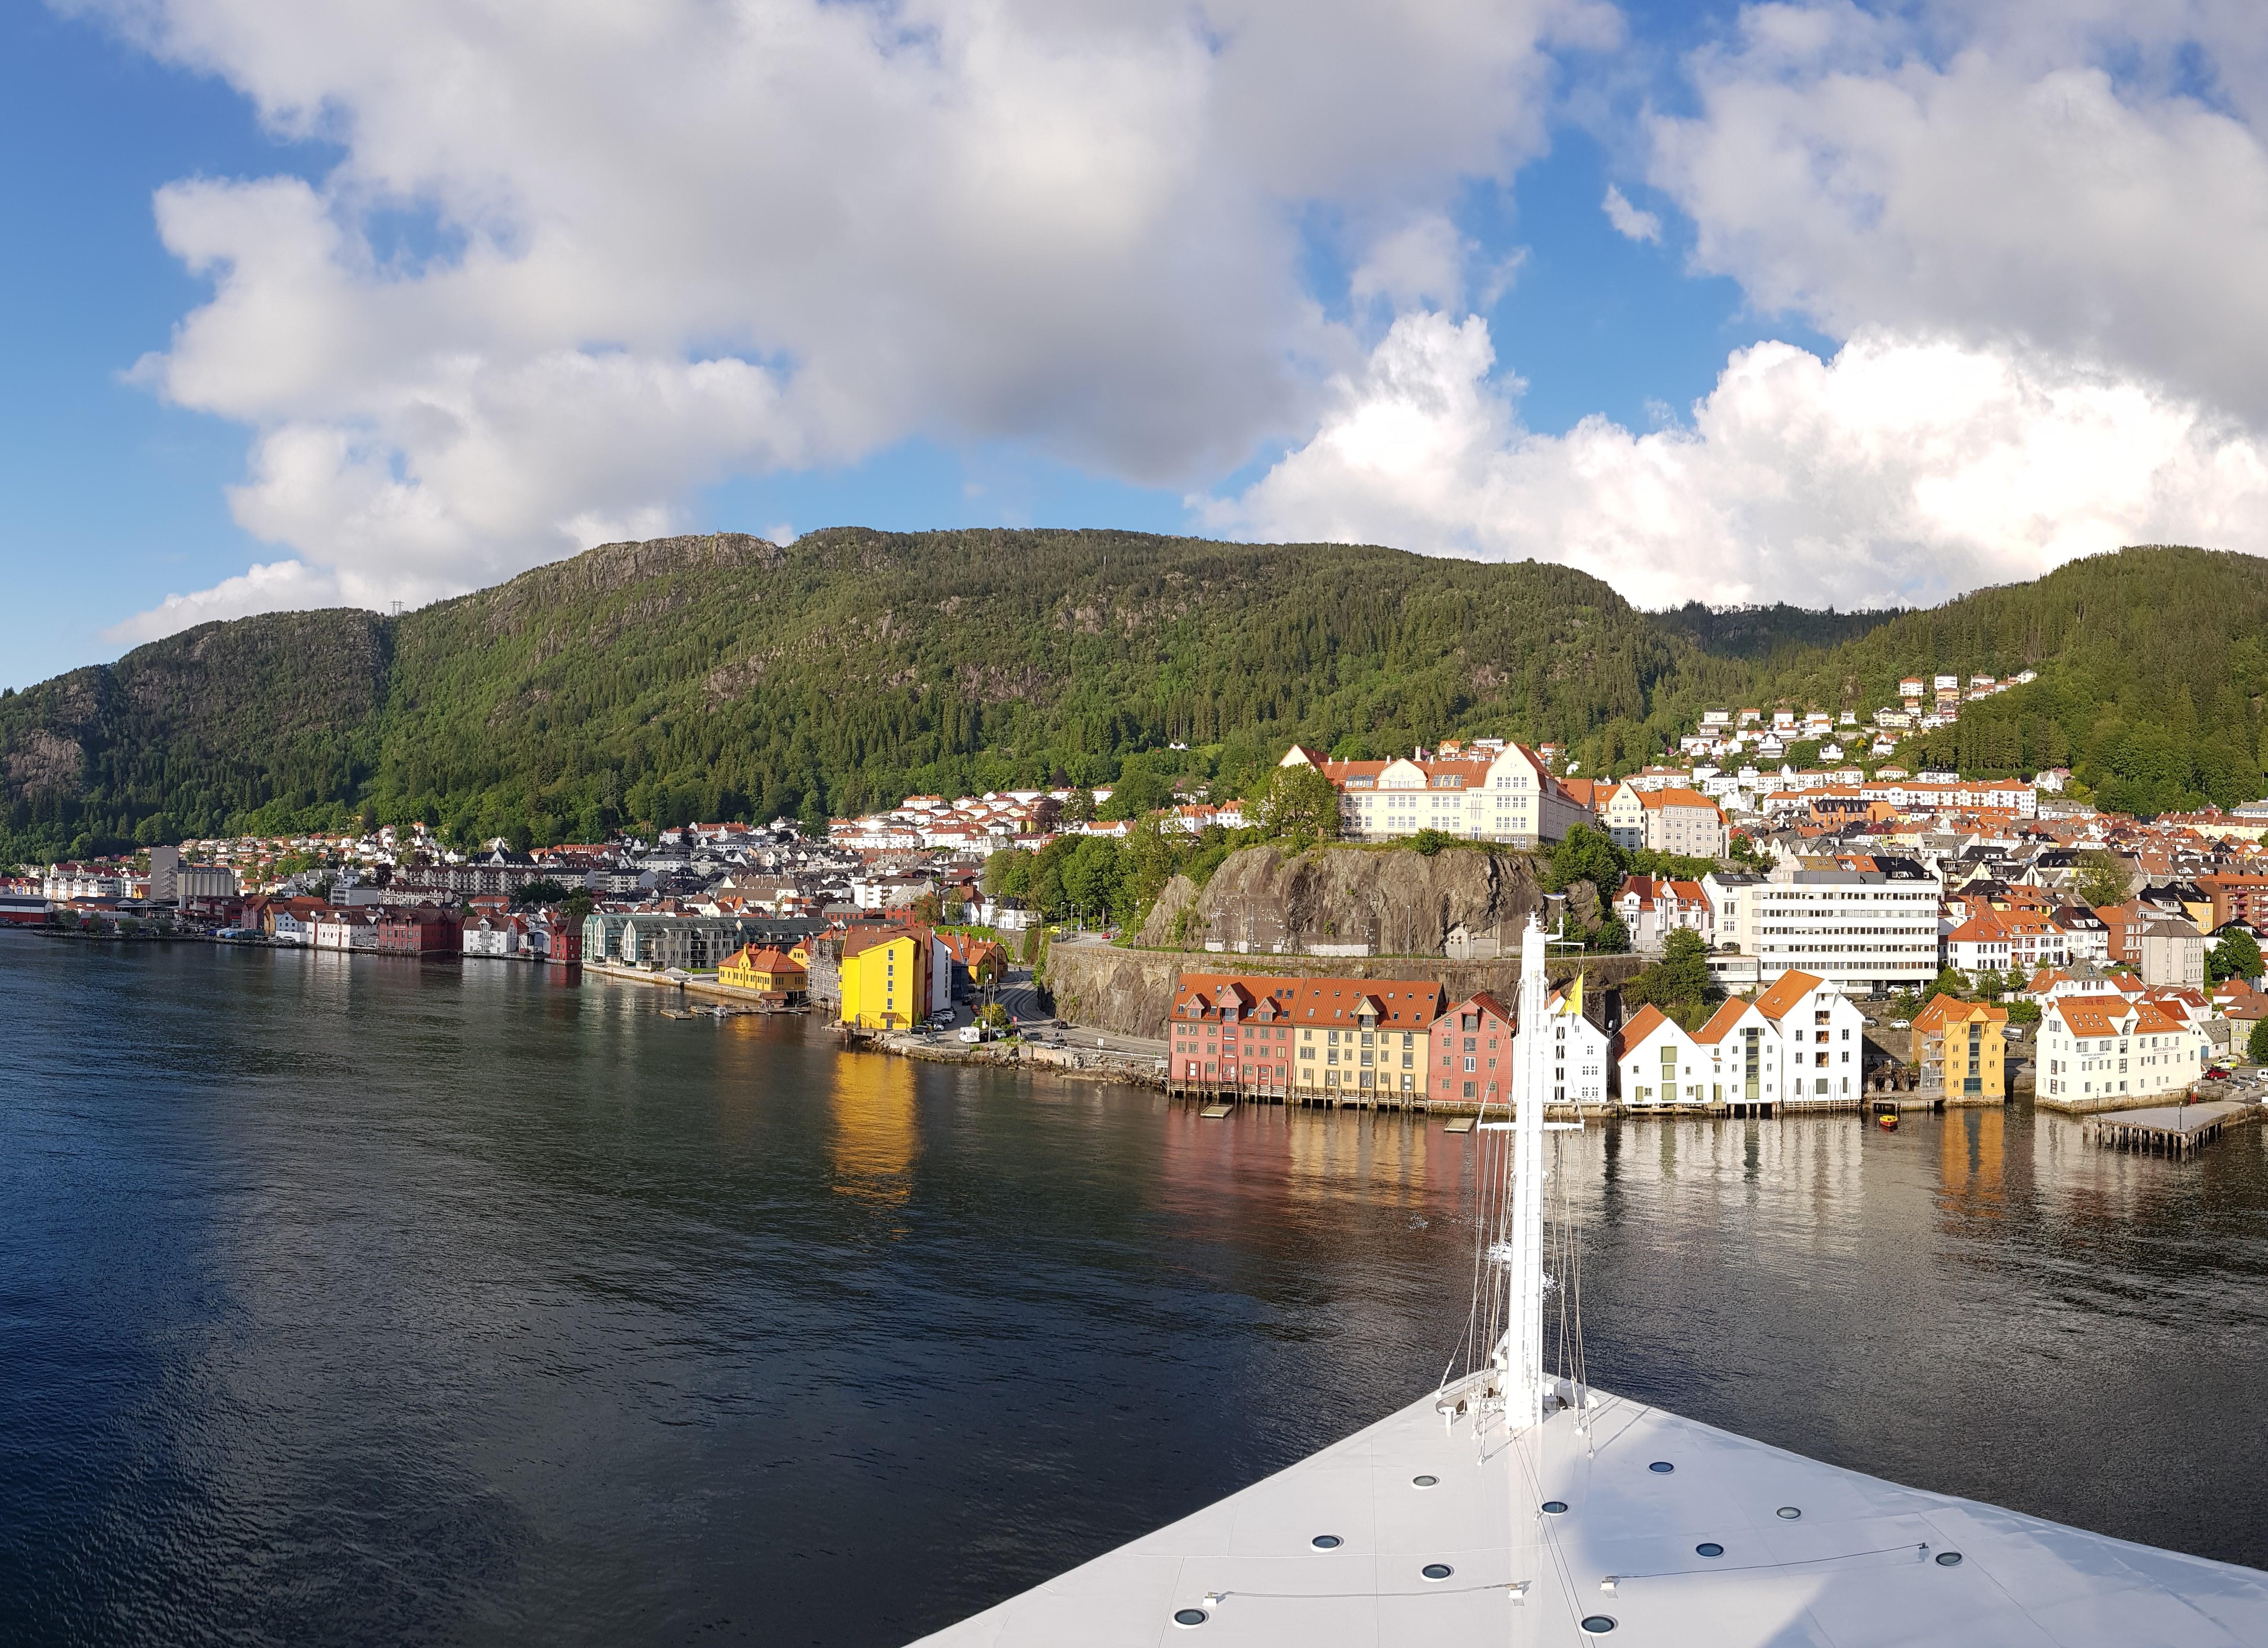 Kreuzfahrt nach Bergen: Hafen, Ausflüge & Sehenswürdigkeiten